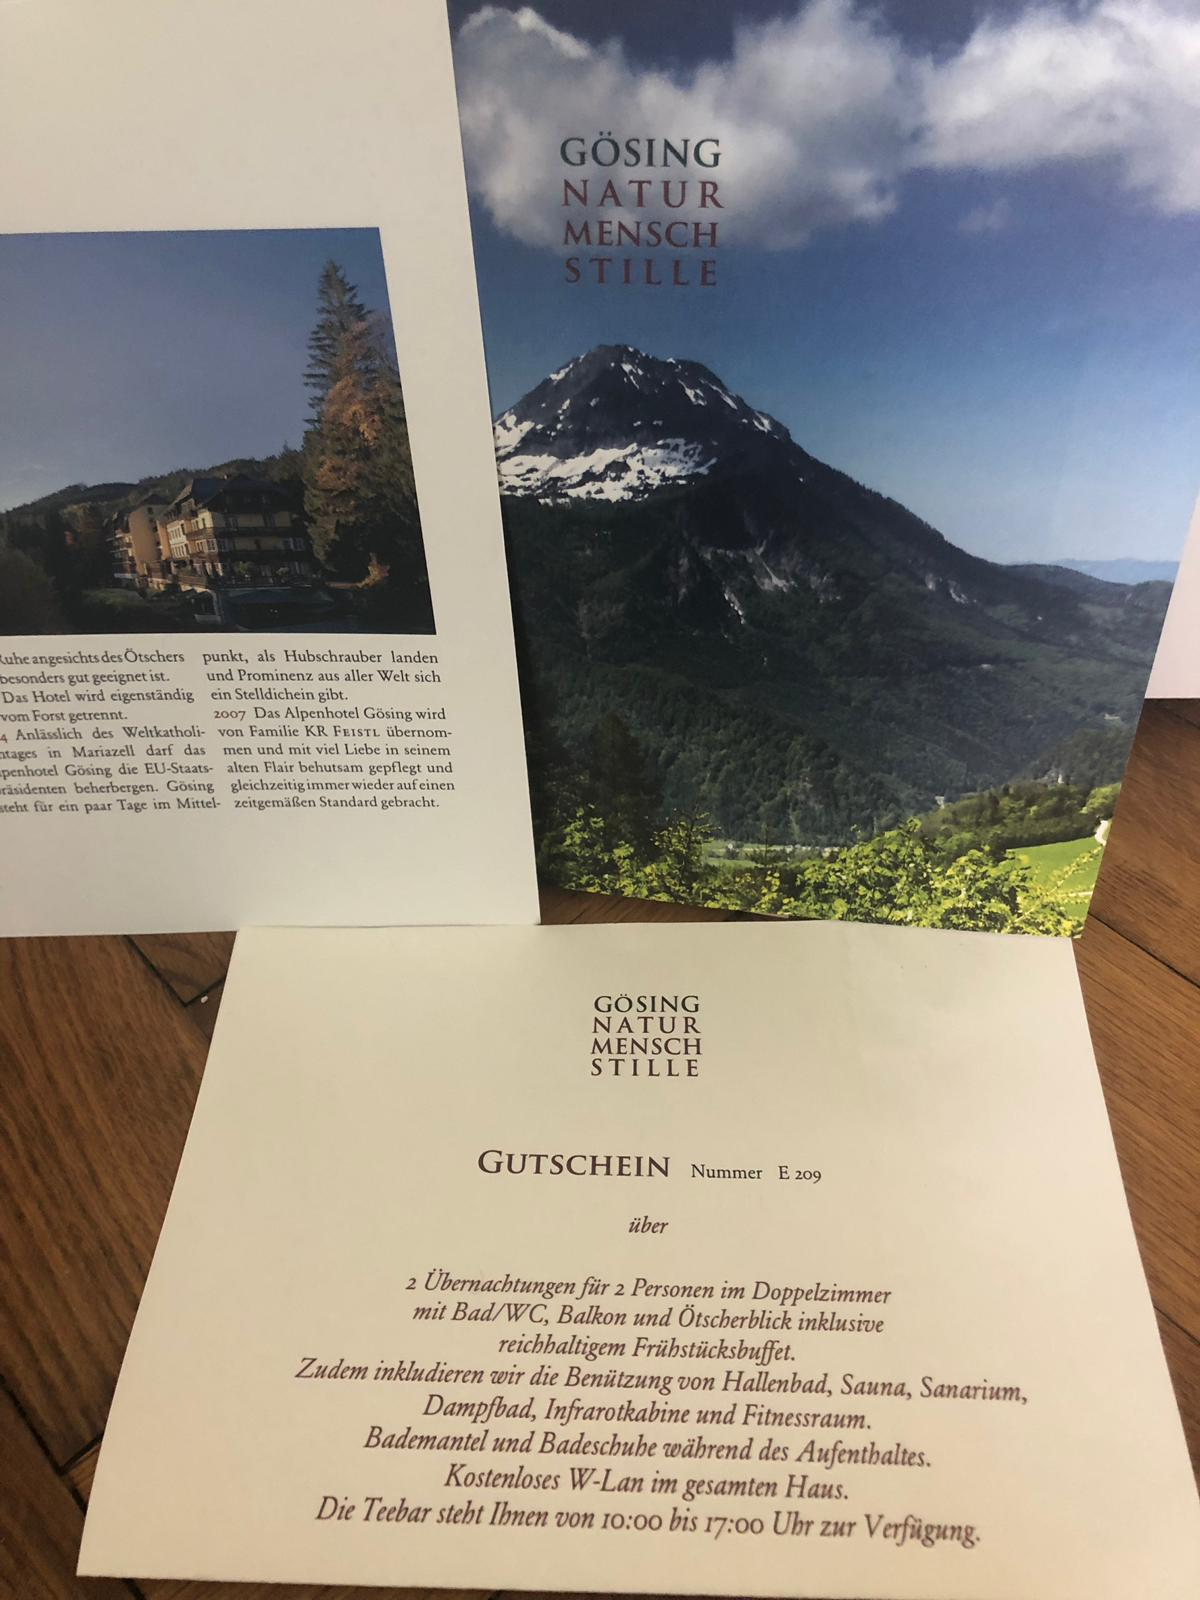 Hotelaufenthalt im Alpenhotel Gösing im Wert von €400